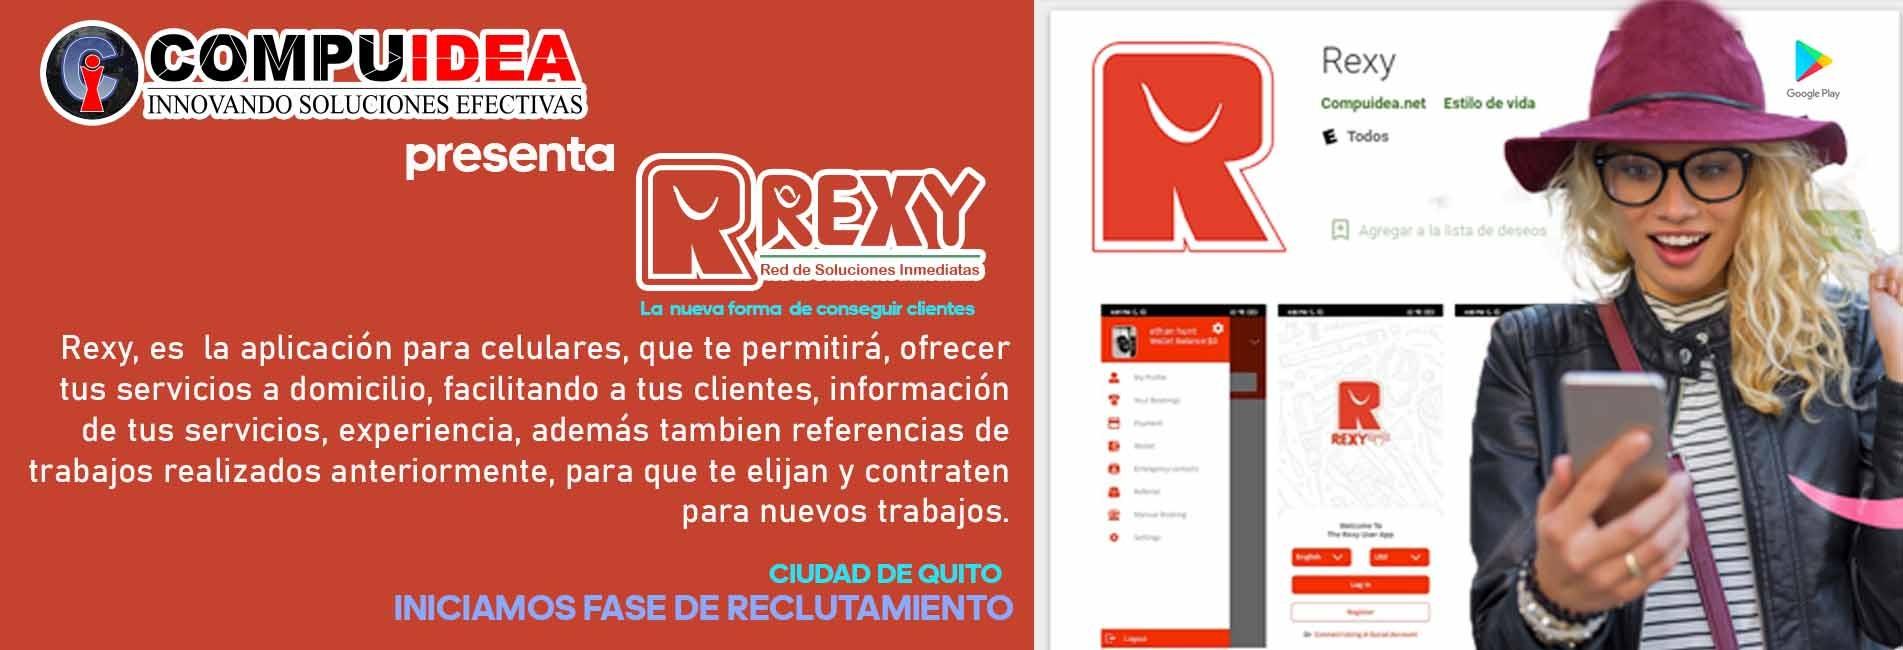 Rexy Ecuador